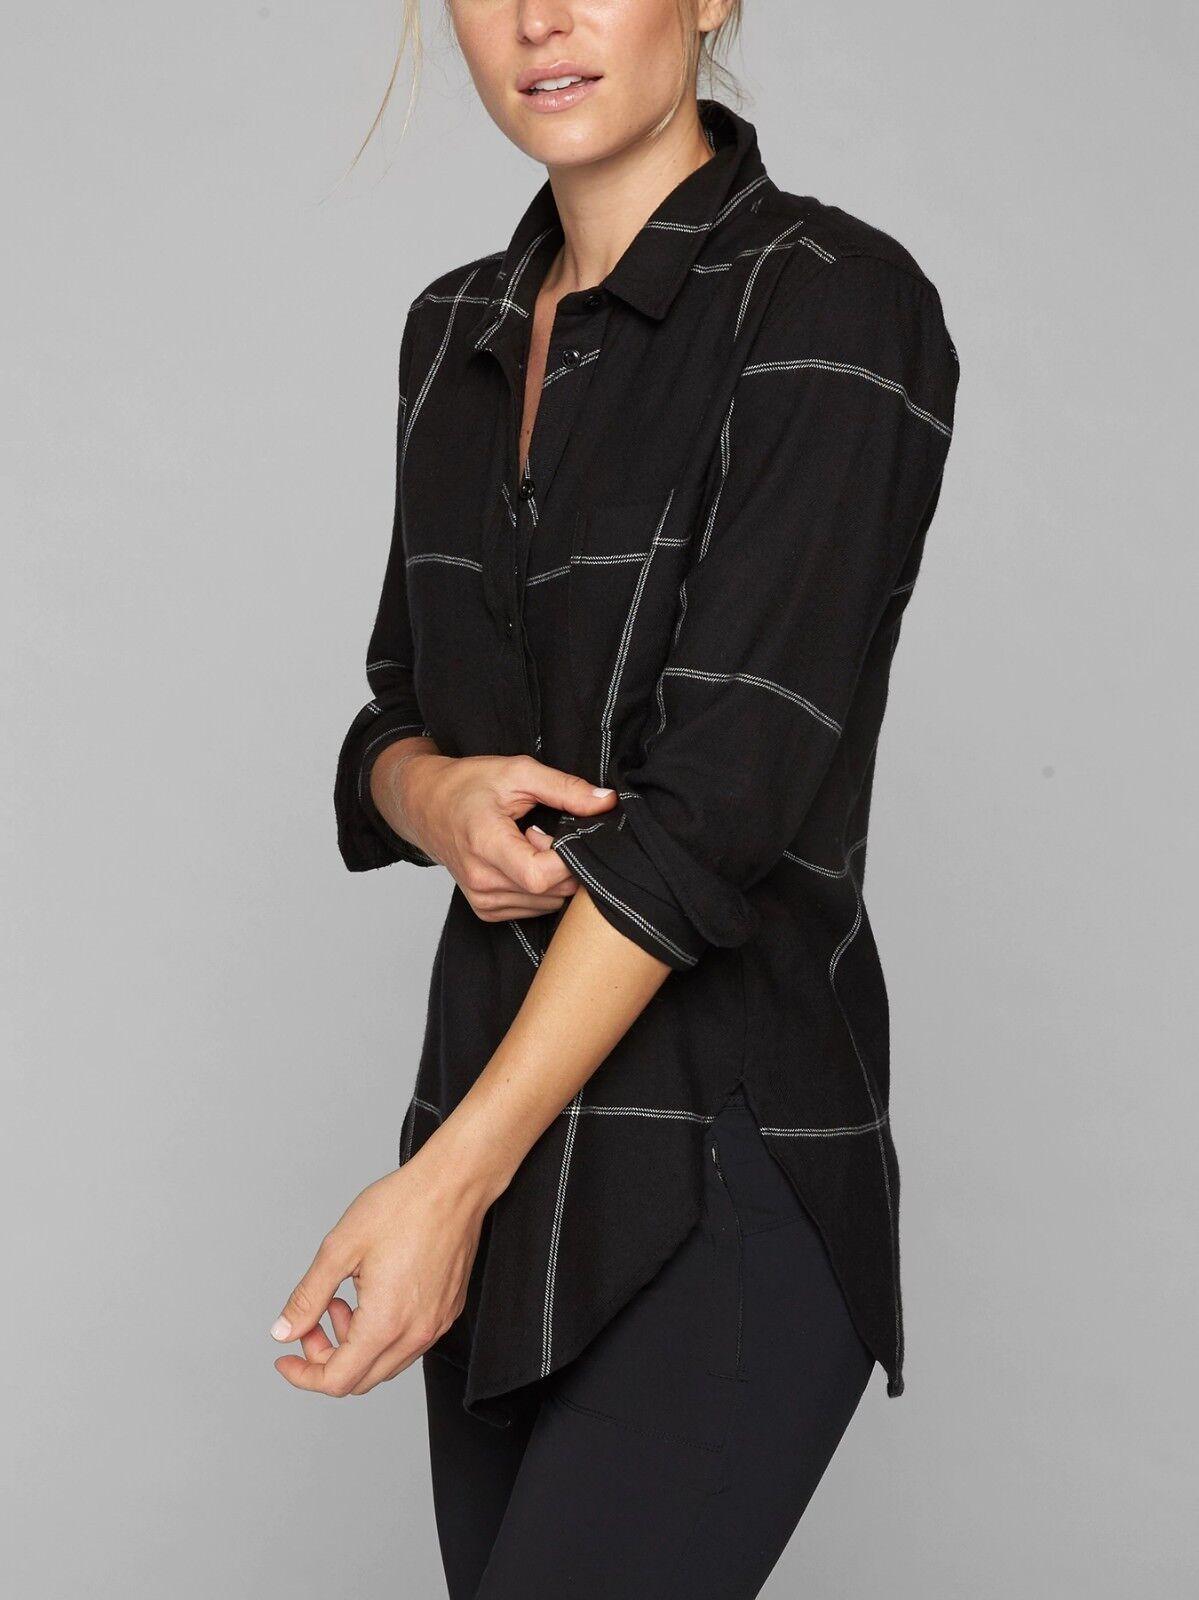 NWOT Athleta Heat Gen Tech Flannel Shirt, schwarz Dove Größe SP S P   N0126